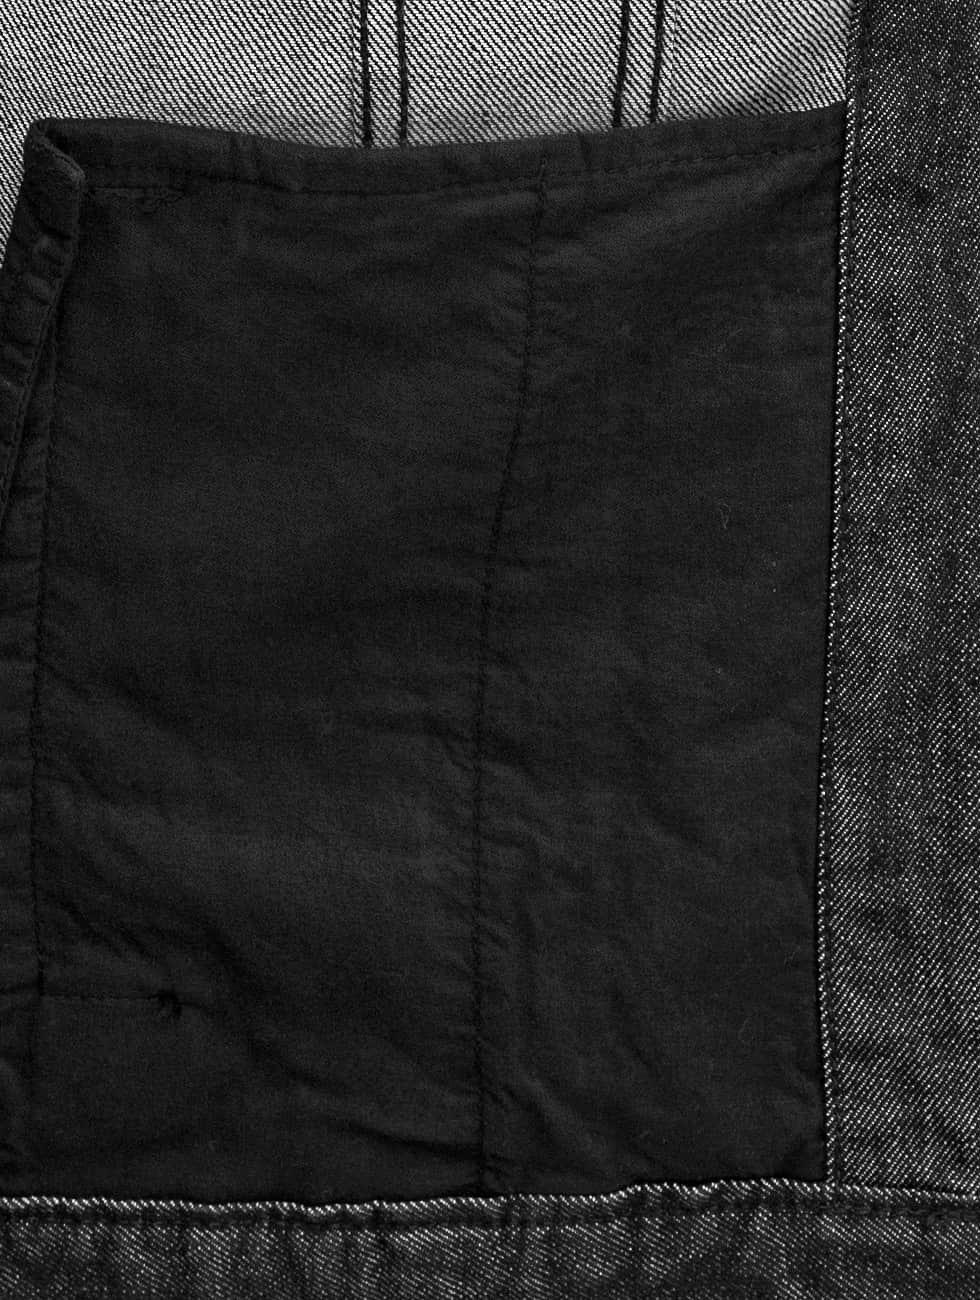 Solid Демисезонная куртка Rexford черный